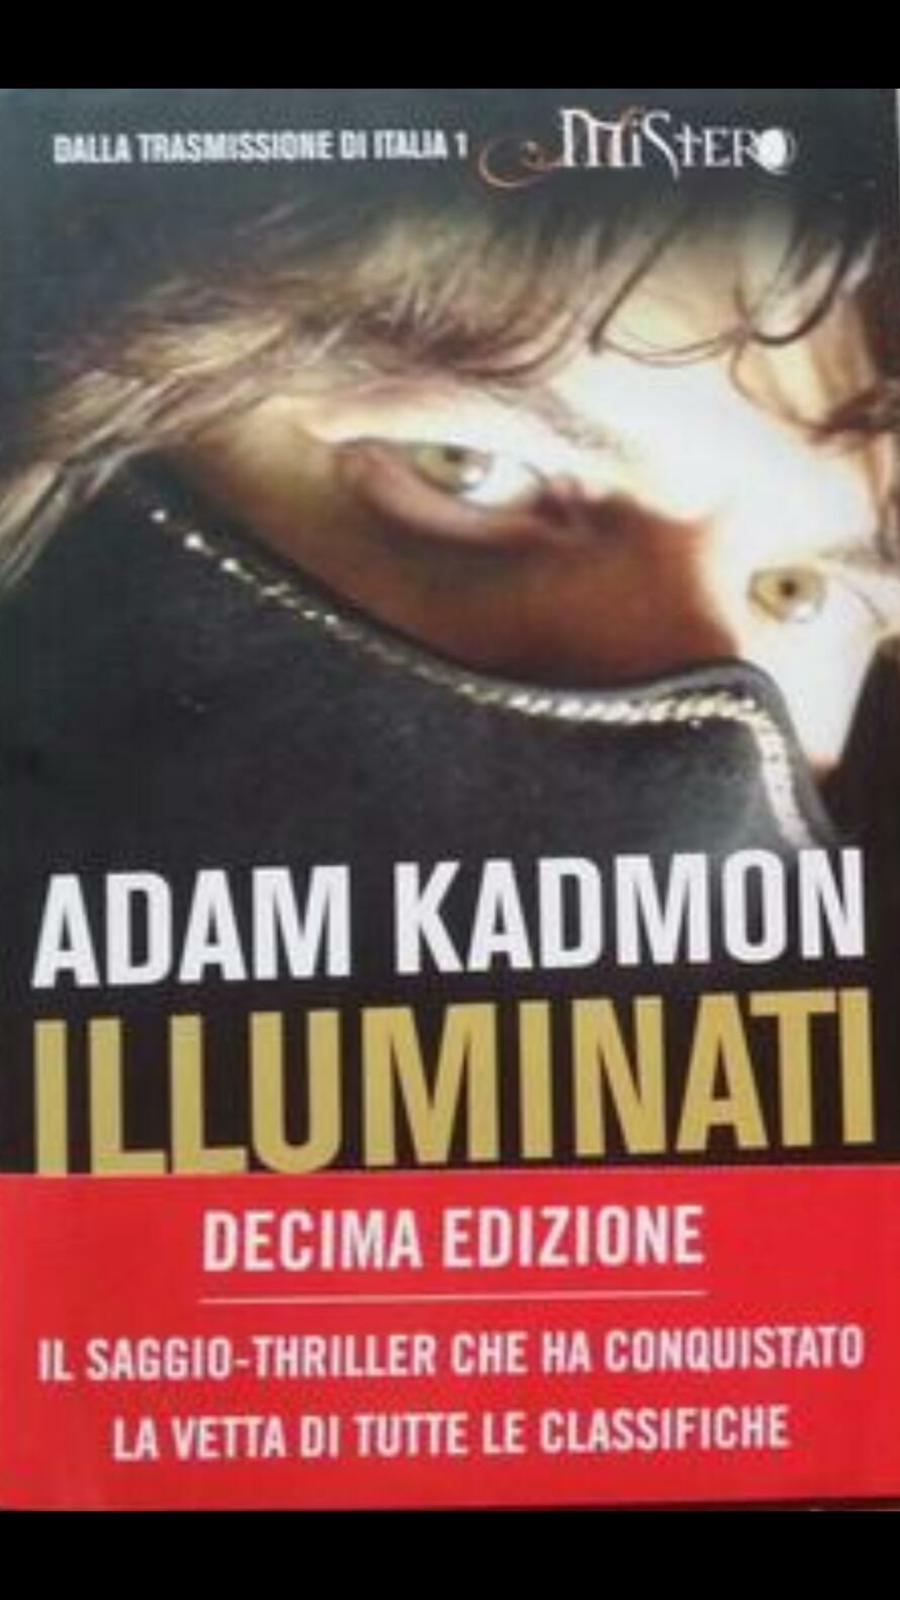 """Il precedente BESTSELLER scritto da ADAM KADMON: """"ILLUMINATI"""""""